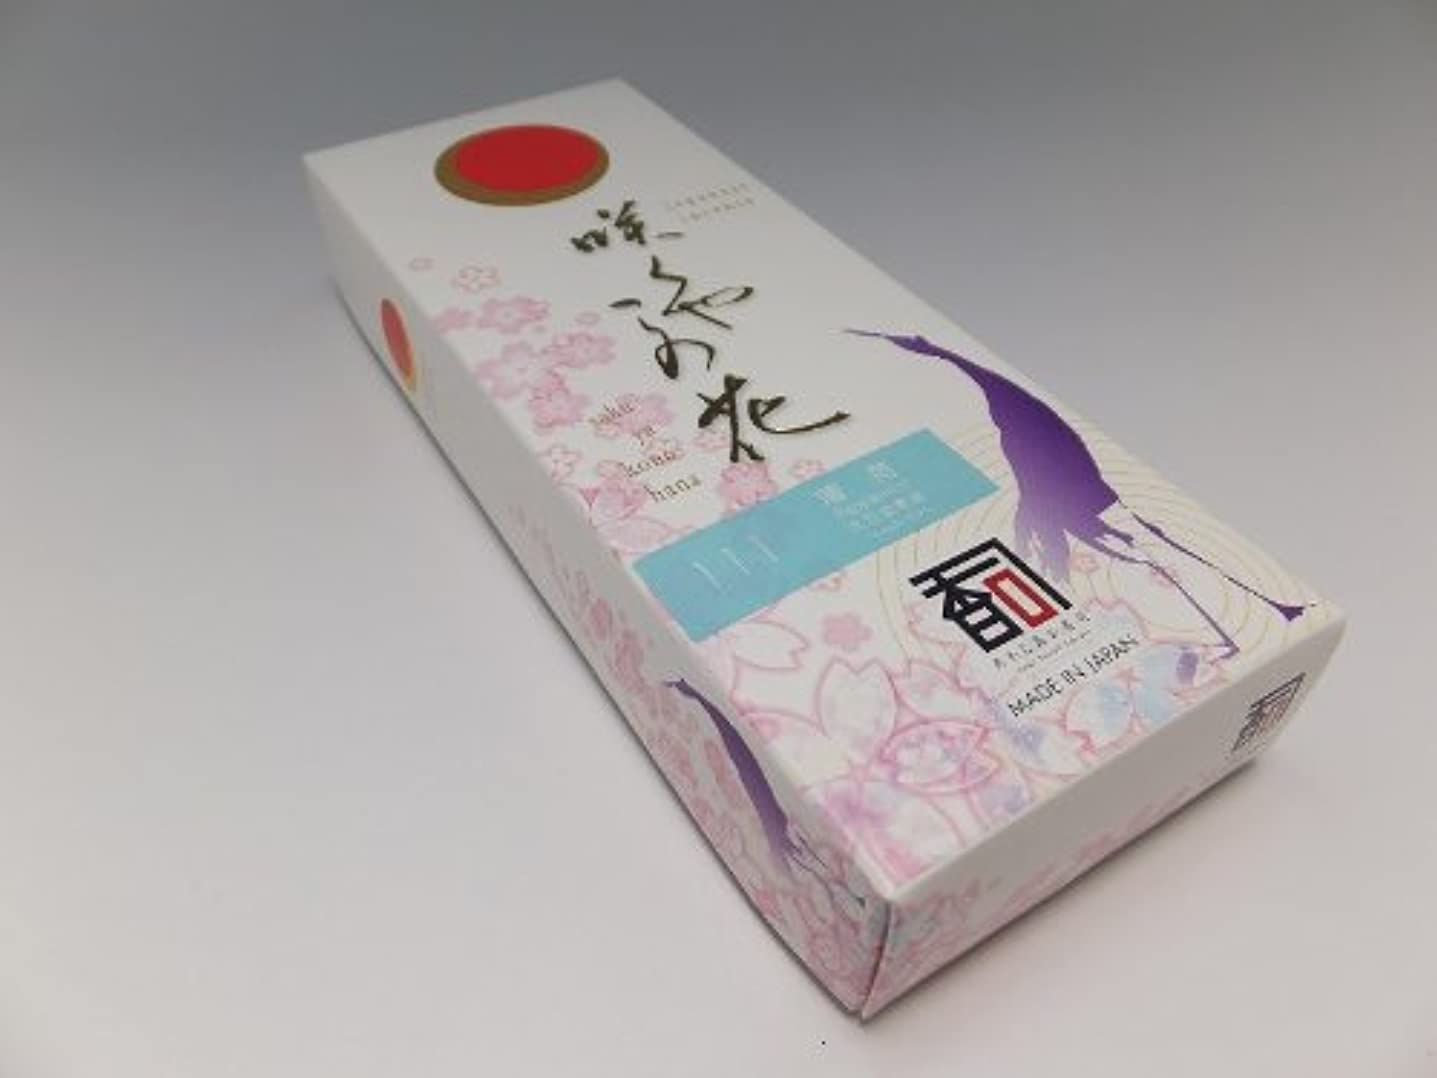 義務的巻き戻す協力する「あわじ島の香司」 日本の香りシリーズ  [咲くや この花] 【111】 薄荷 (煙少)